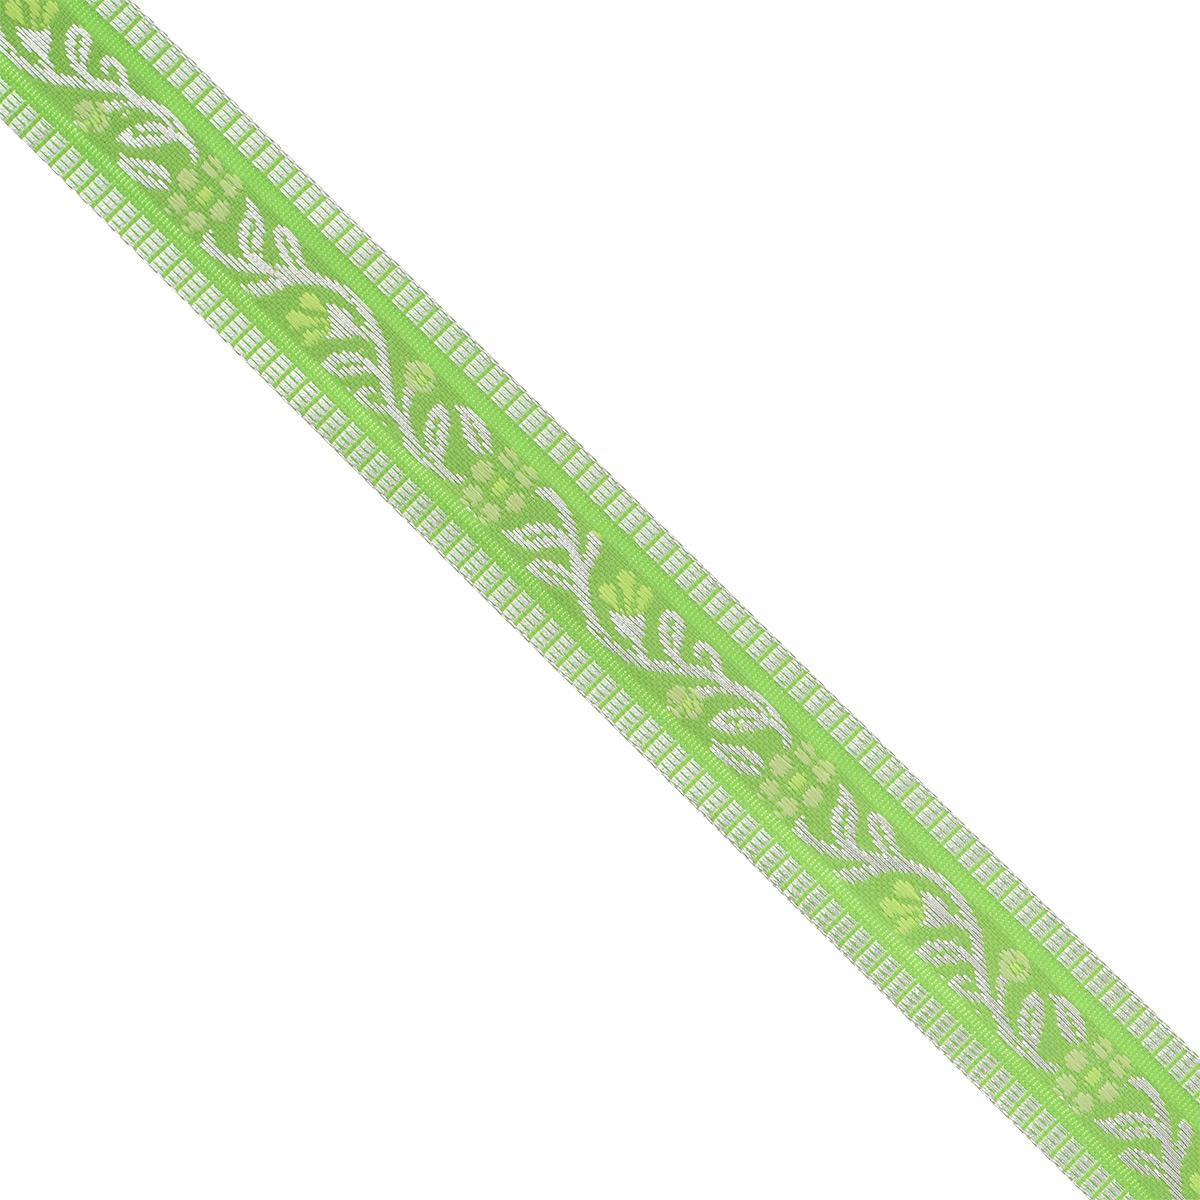 Тесьма декоративная Астра, цвет: зеленый (1), ширина 1,8 см, длина 16,4 м. 77032657703265_1Декоративная тесьма Астра выполнена из текстиля и оформлена оригинальным орнаментом. Такая тесьма идеально подойдет для оформления различных творческих работ таких, как скрапбукинг, аппликация, декор коробок и открыток и многое другое. Тесьма наивысшего качества и практична в использовании. Она станет незаменимым элементом в создании рукотворного шедевра. Ширина: 1,8 см. Длина: 16,4 м.